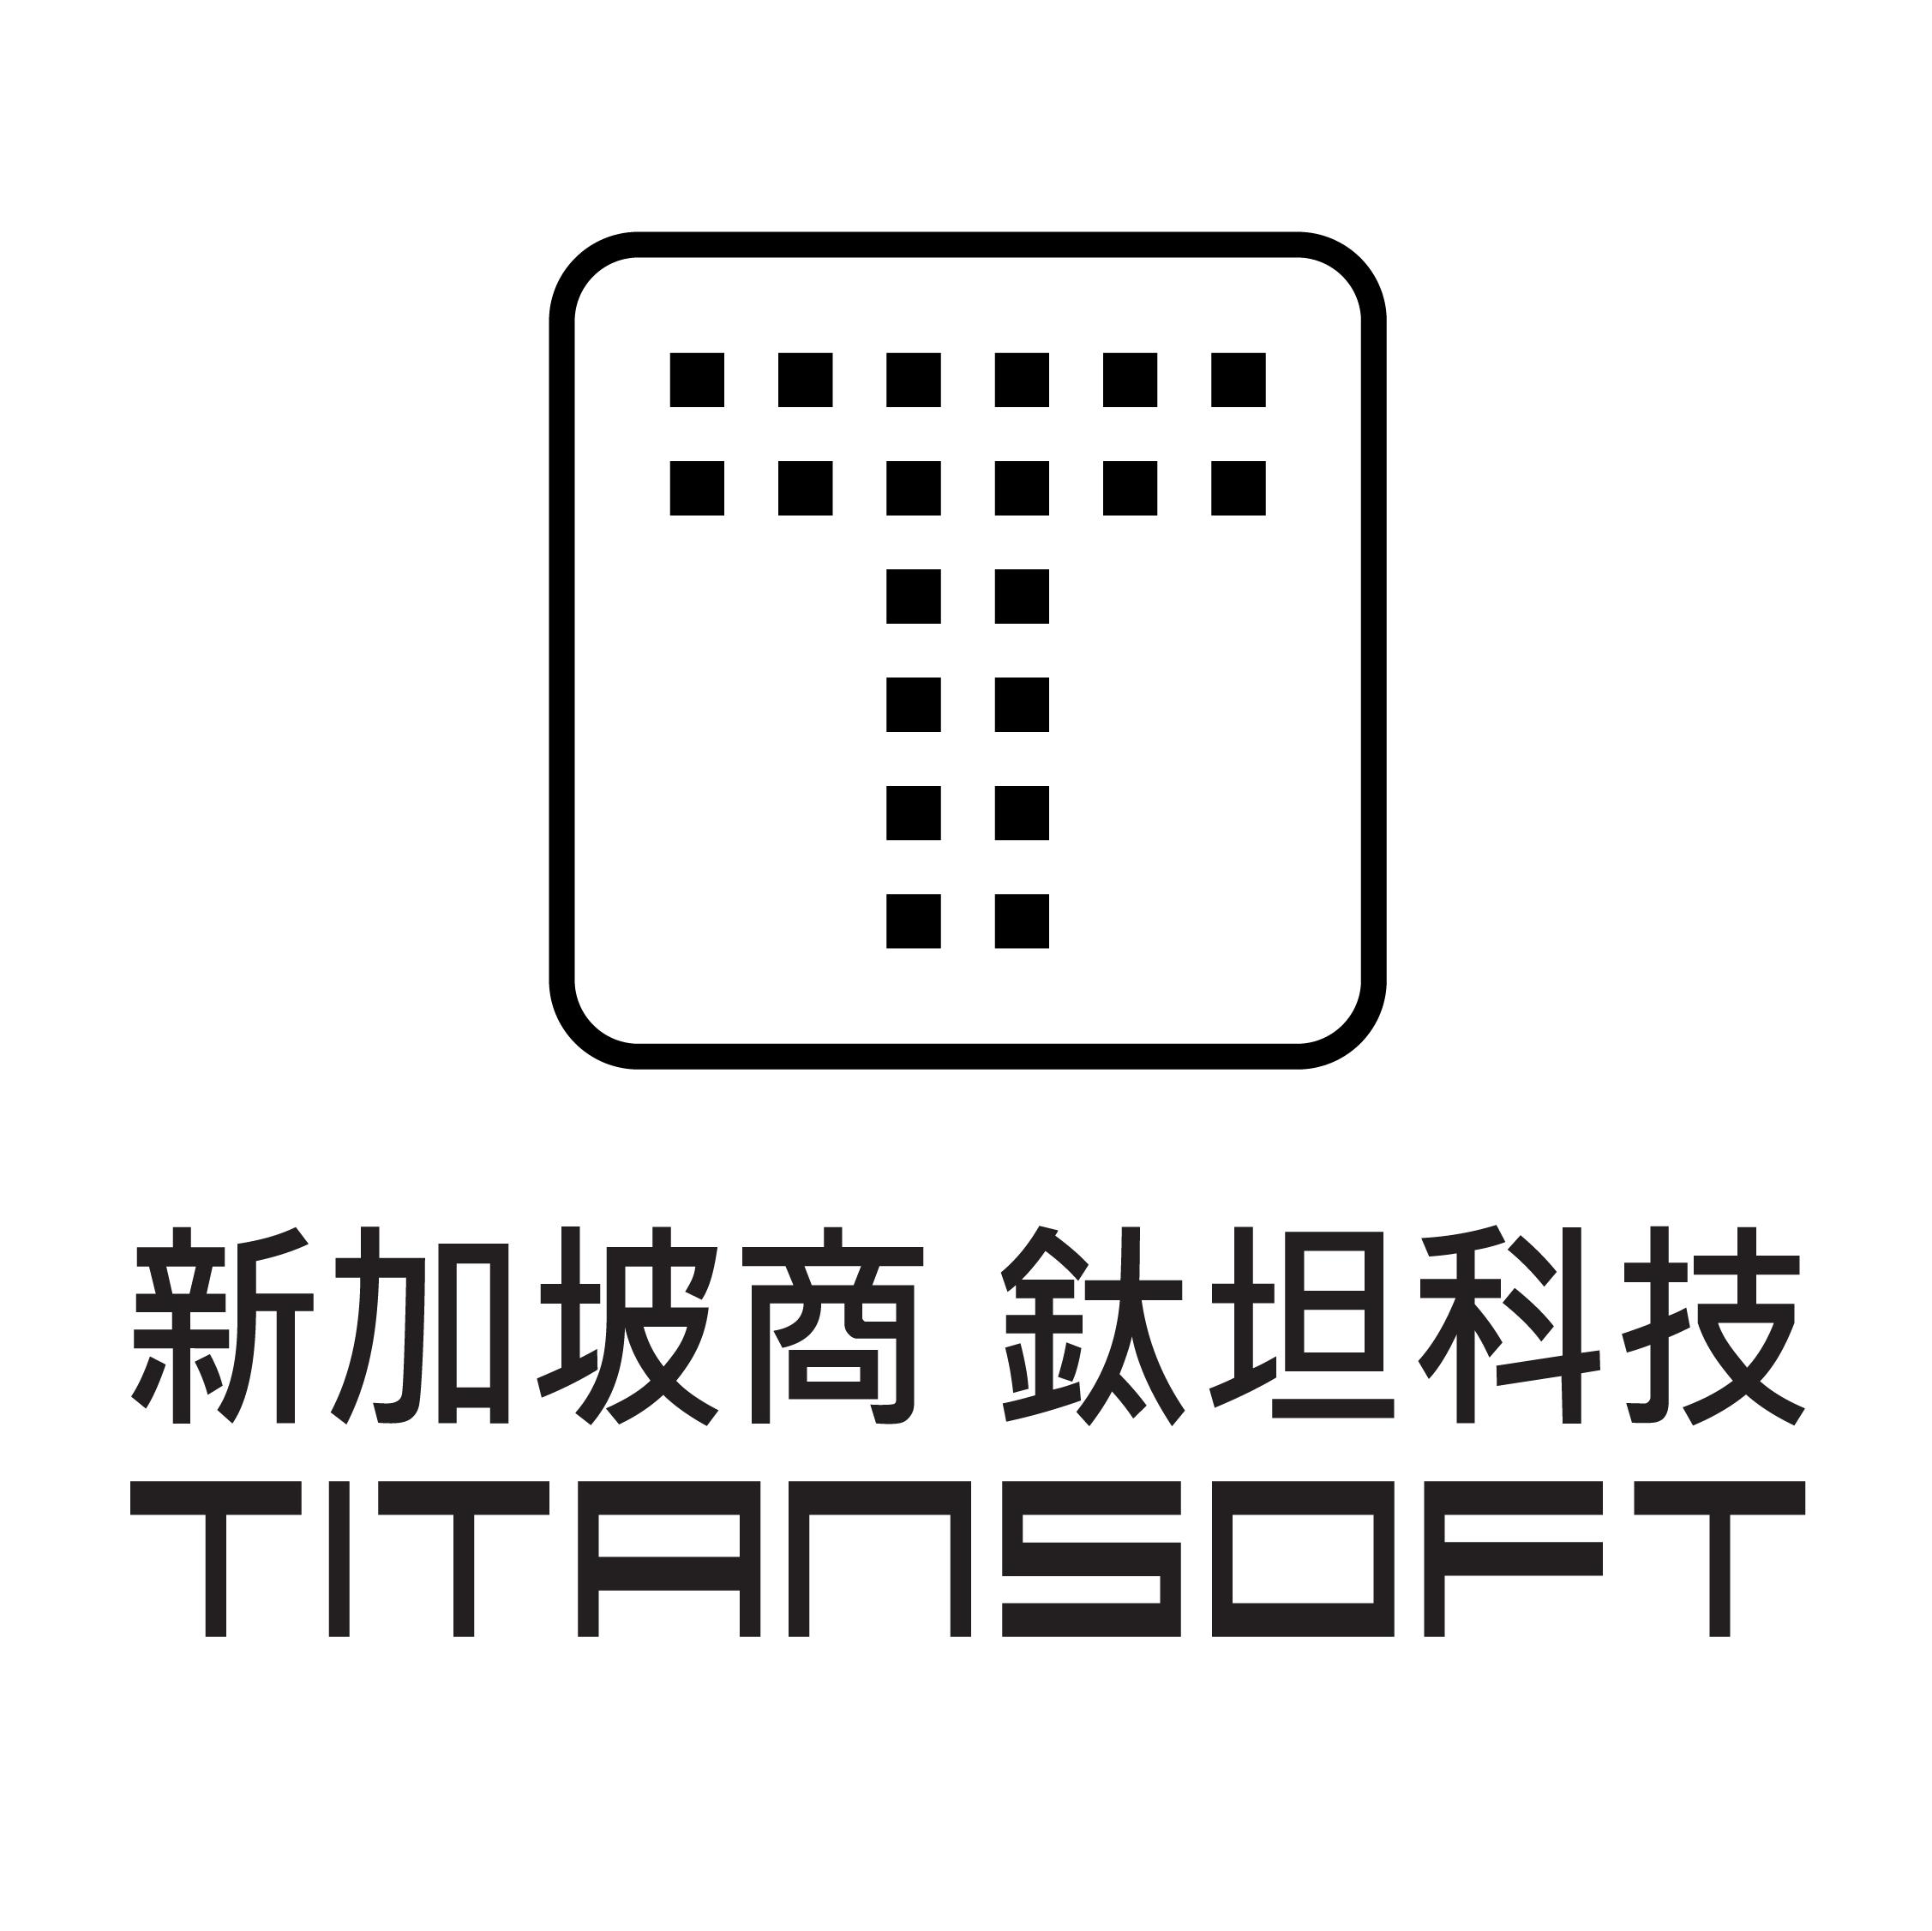 新加坡商鈦坦科技股份有限公司台灣分公司